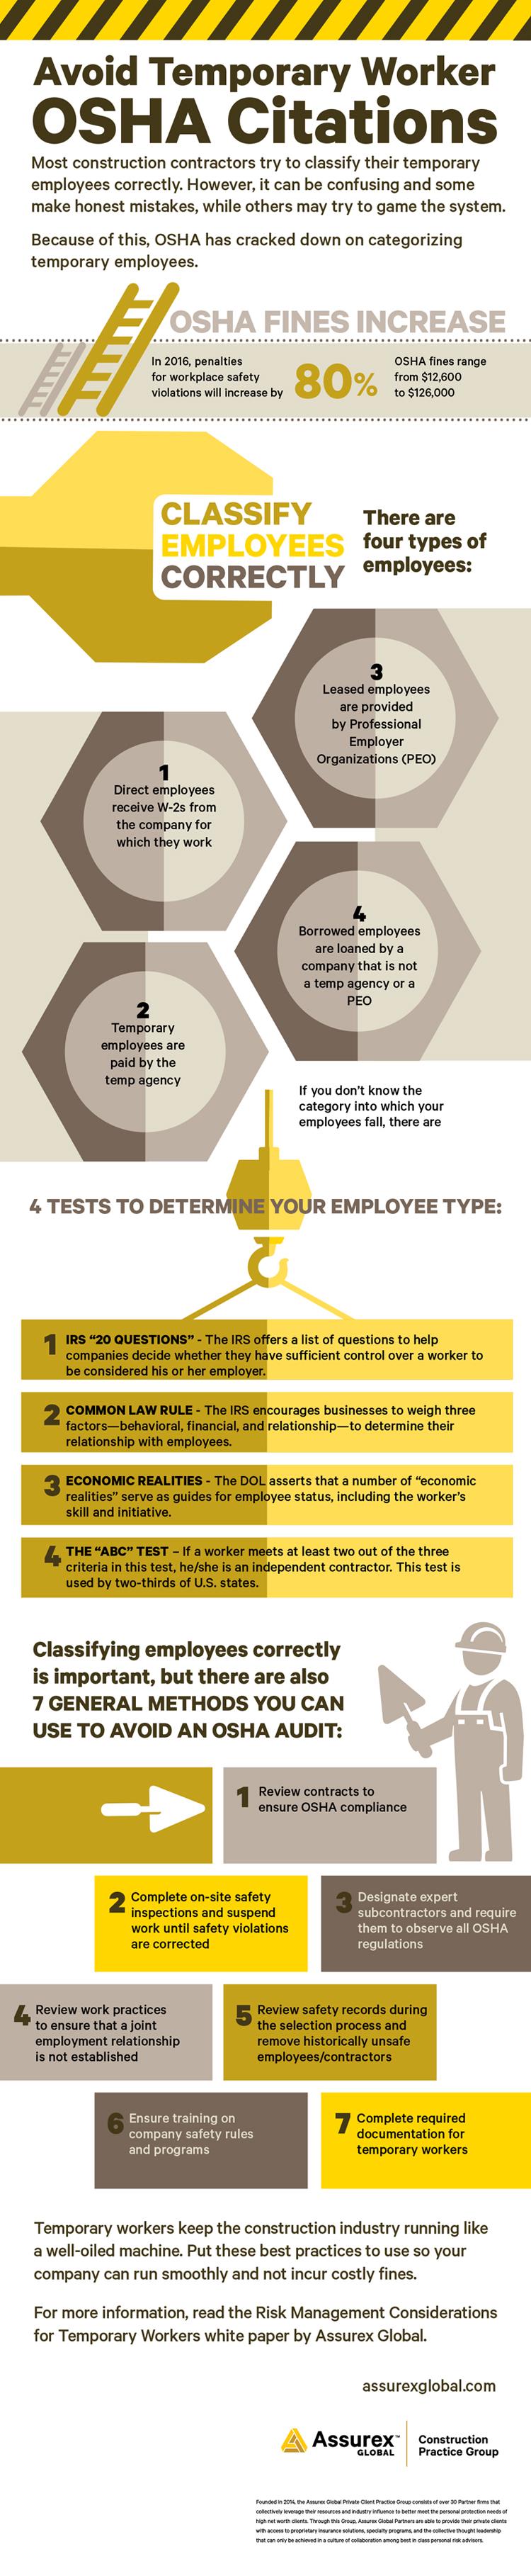 how to avoid temporary worker osha citations